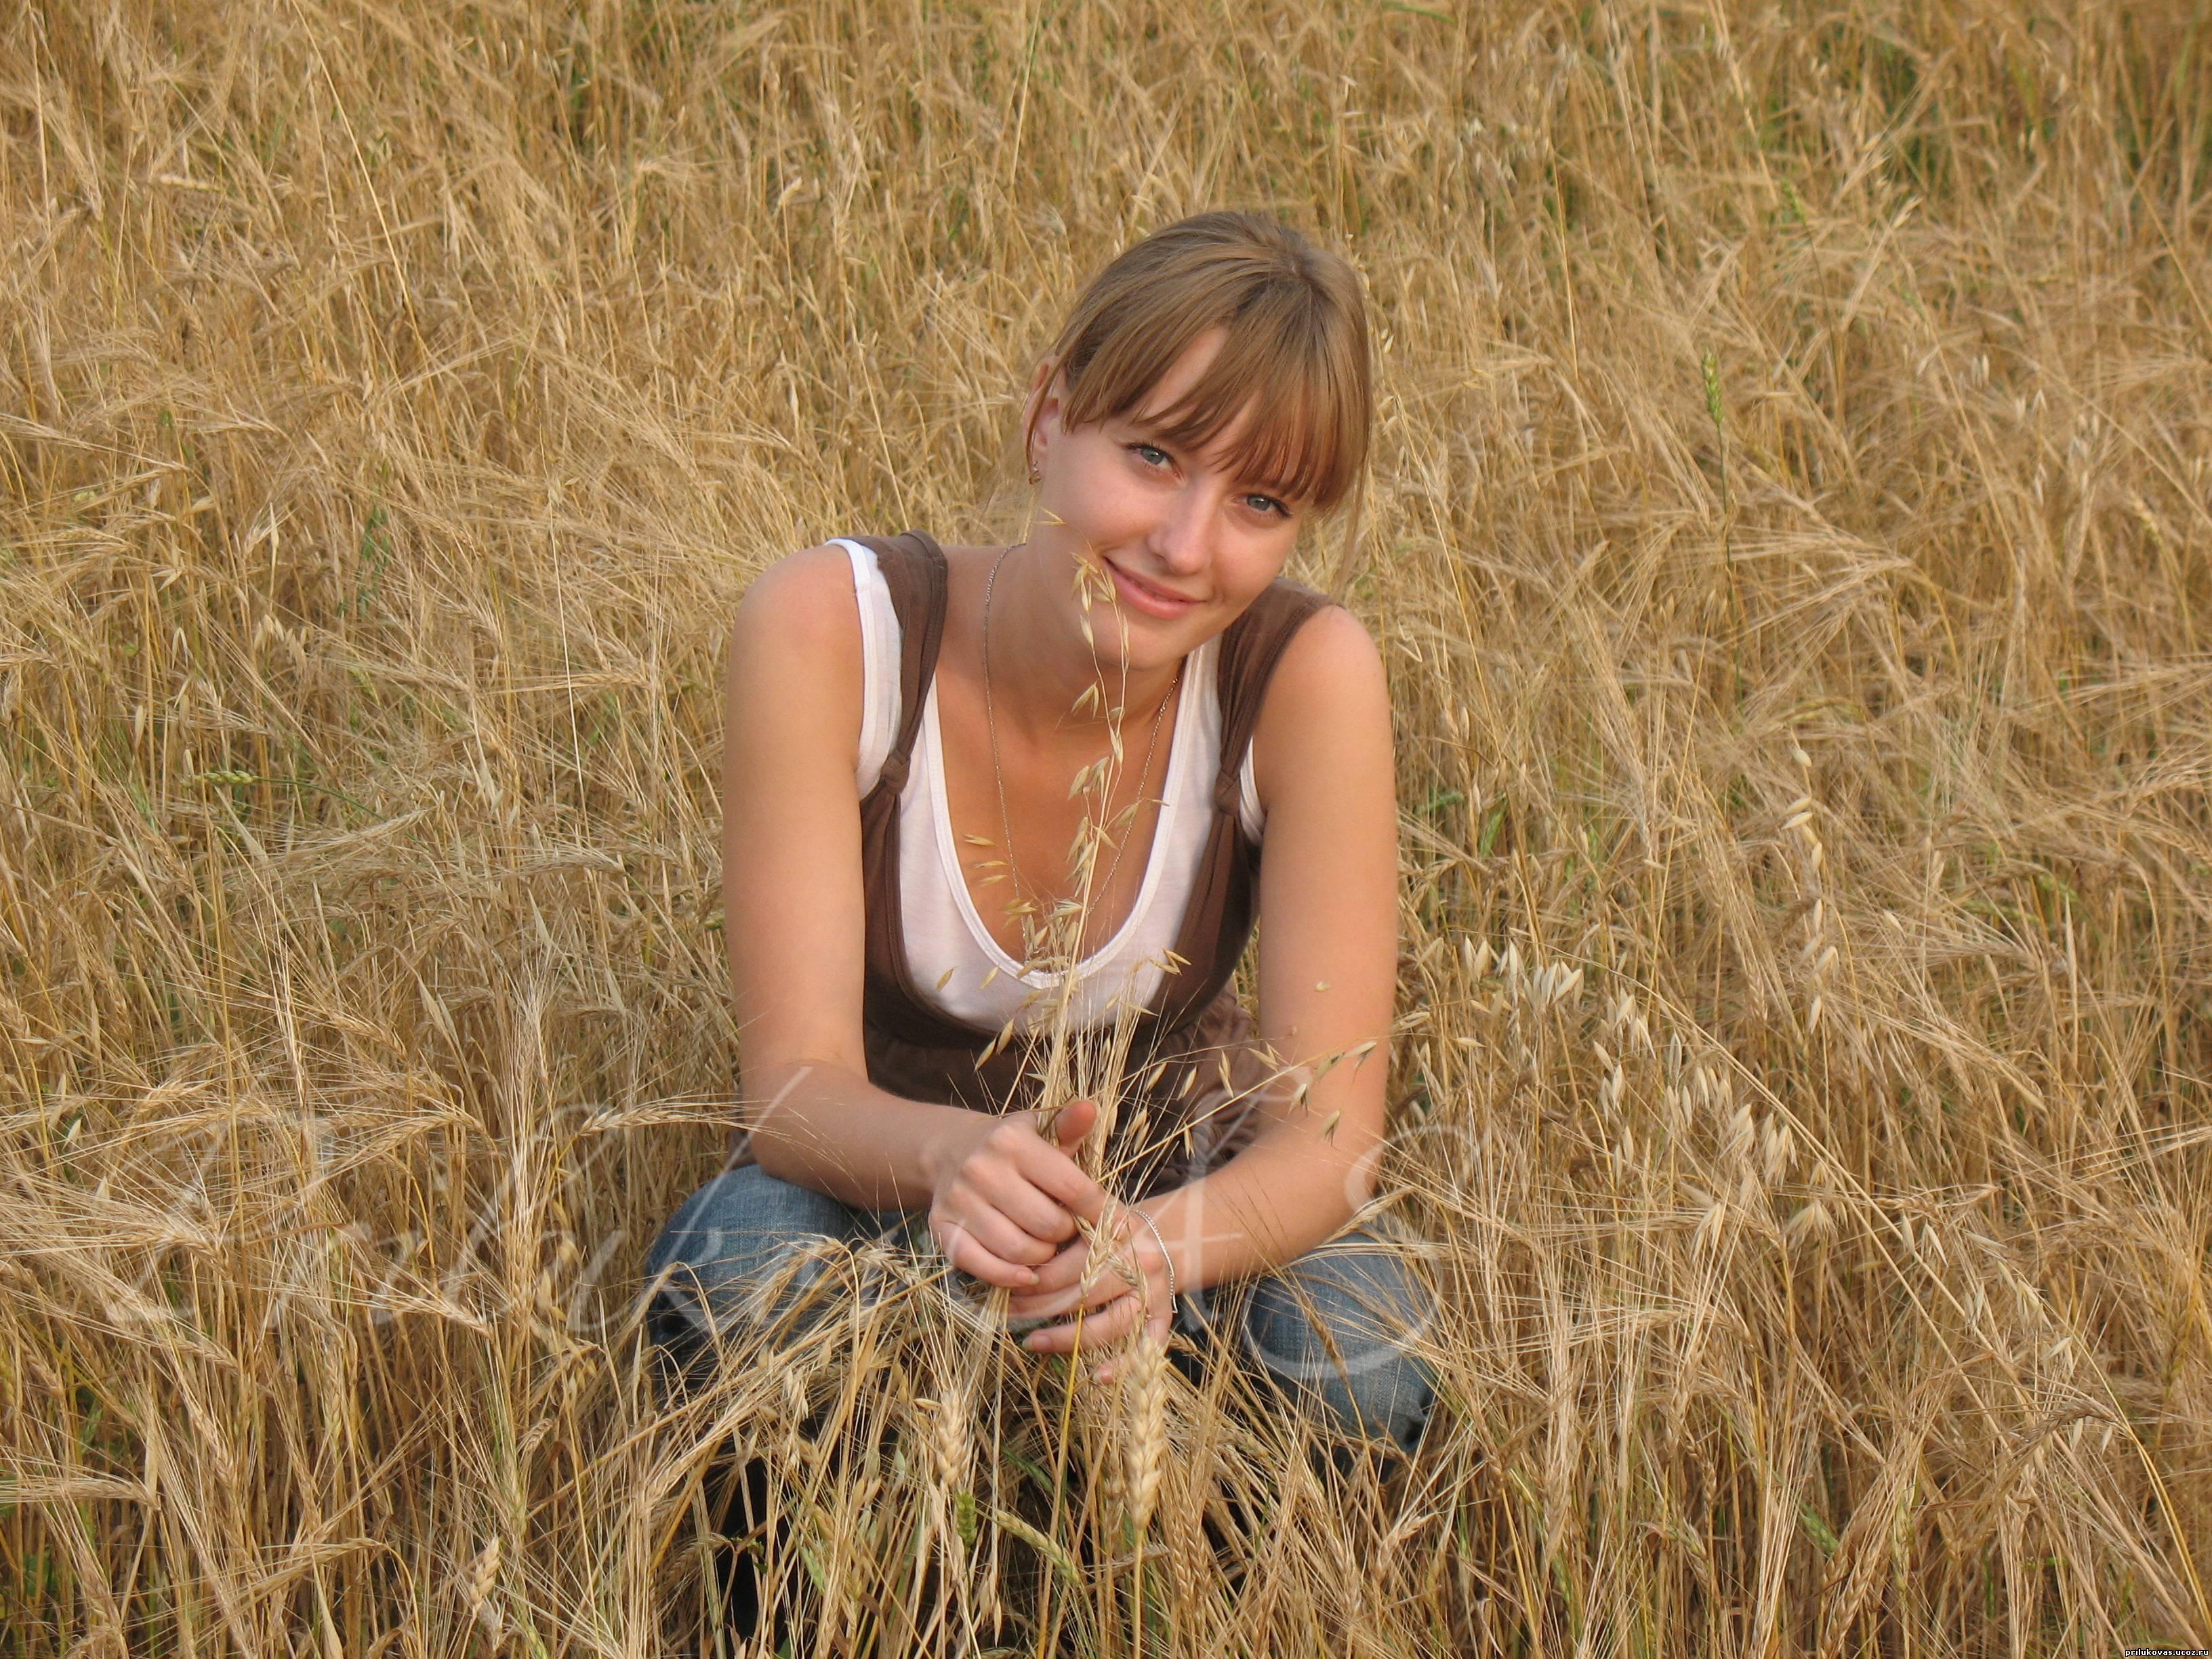 Созревшие девушки фото 3 фотография